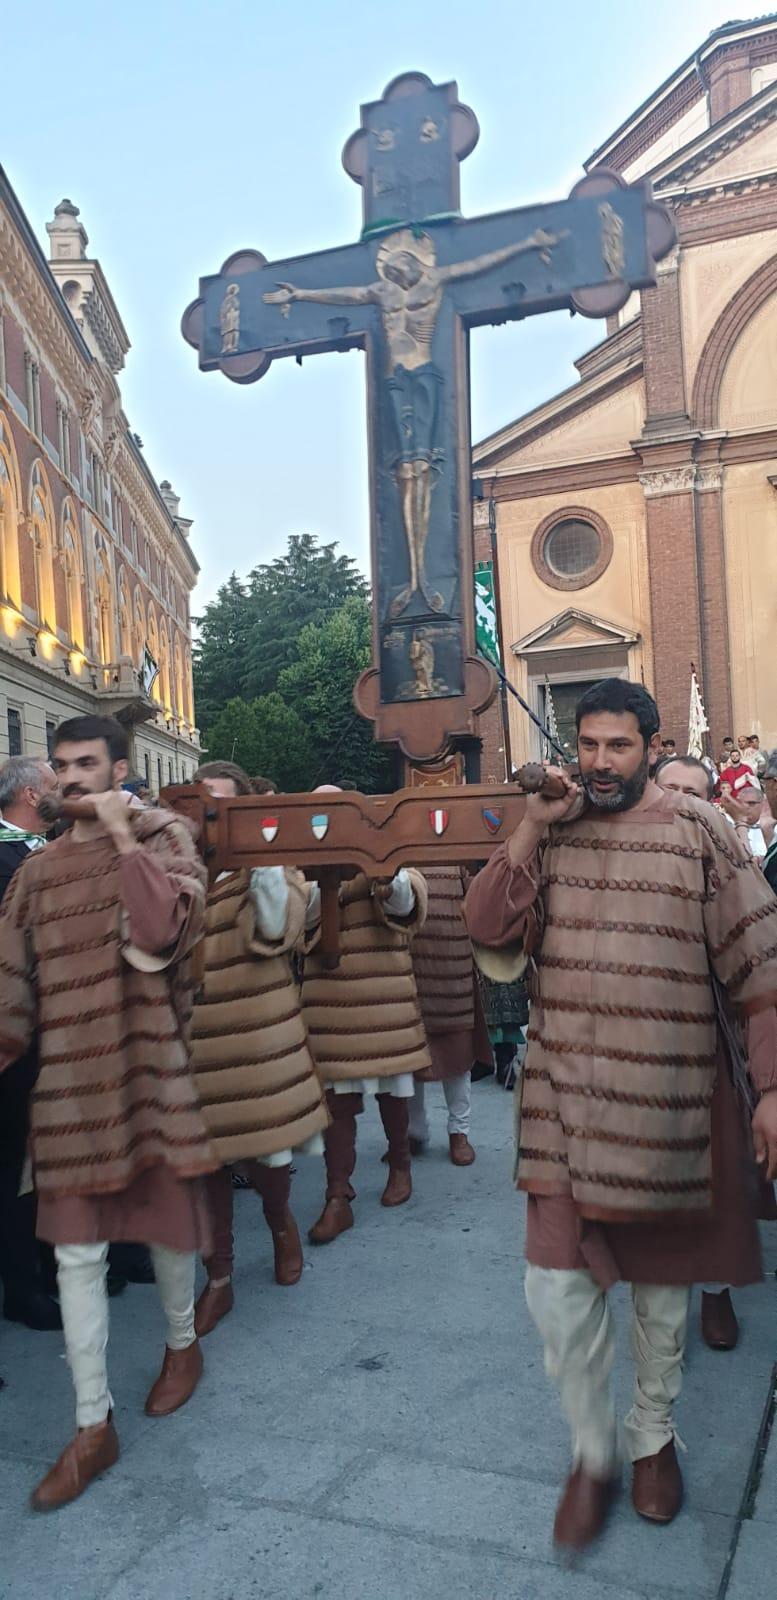 Palio di legnano: La Traslazione della Croce apre il Palio. A Ferrara rinunciano allacorsa